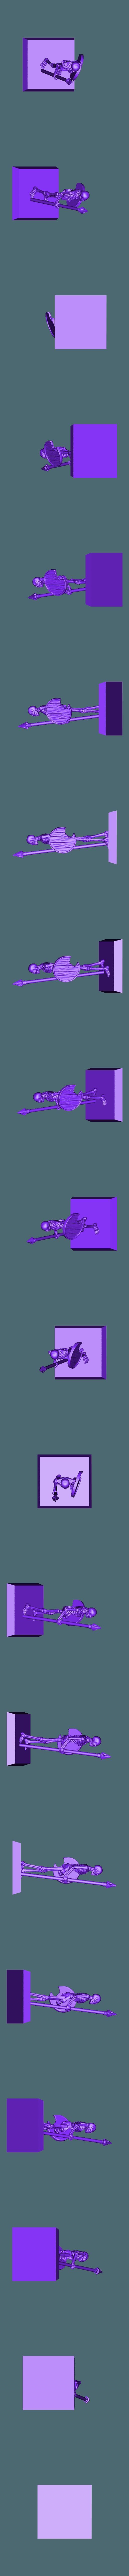 skeleton_spearman_v5.1.stl Télécharger fichier STL gratuit Skeleton Spearmen Miniatures verion #2 • Plan pour imprimante 3D, Ilhadiel